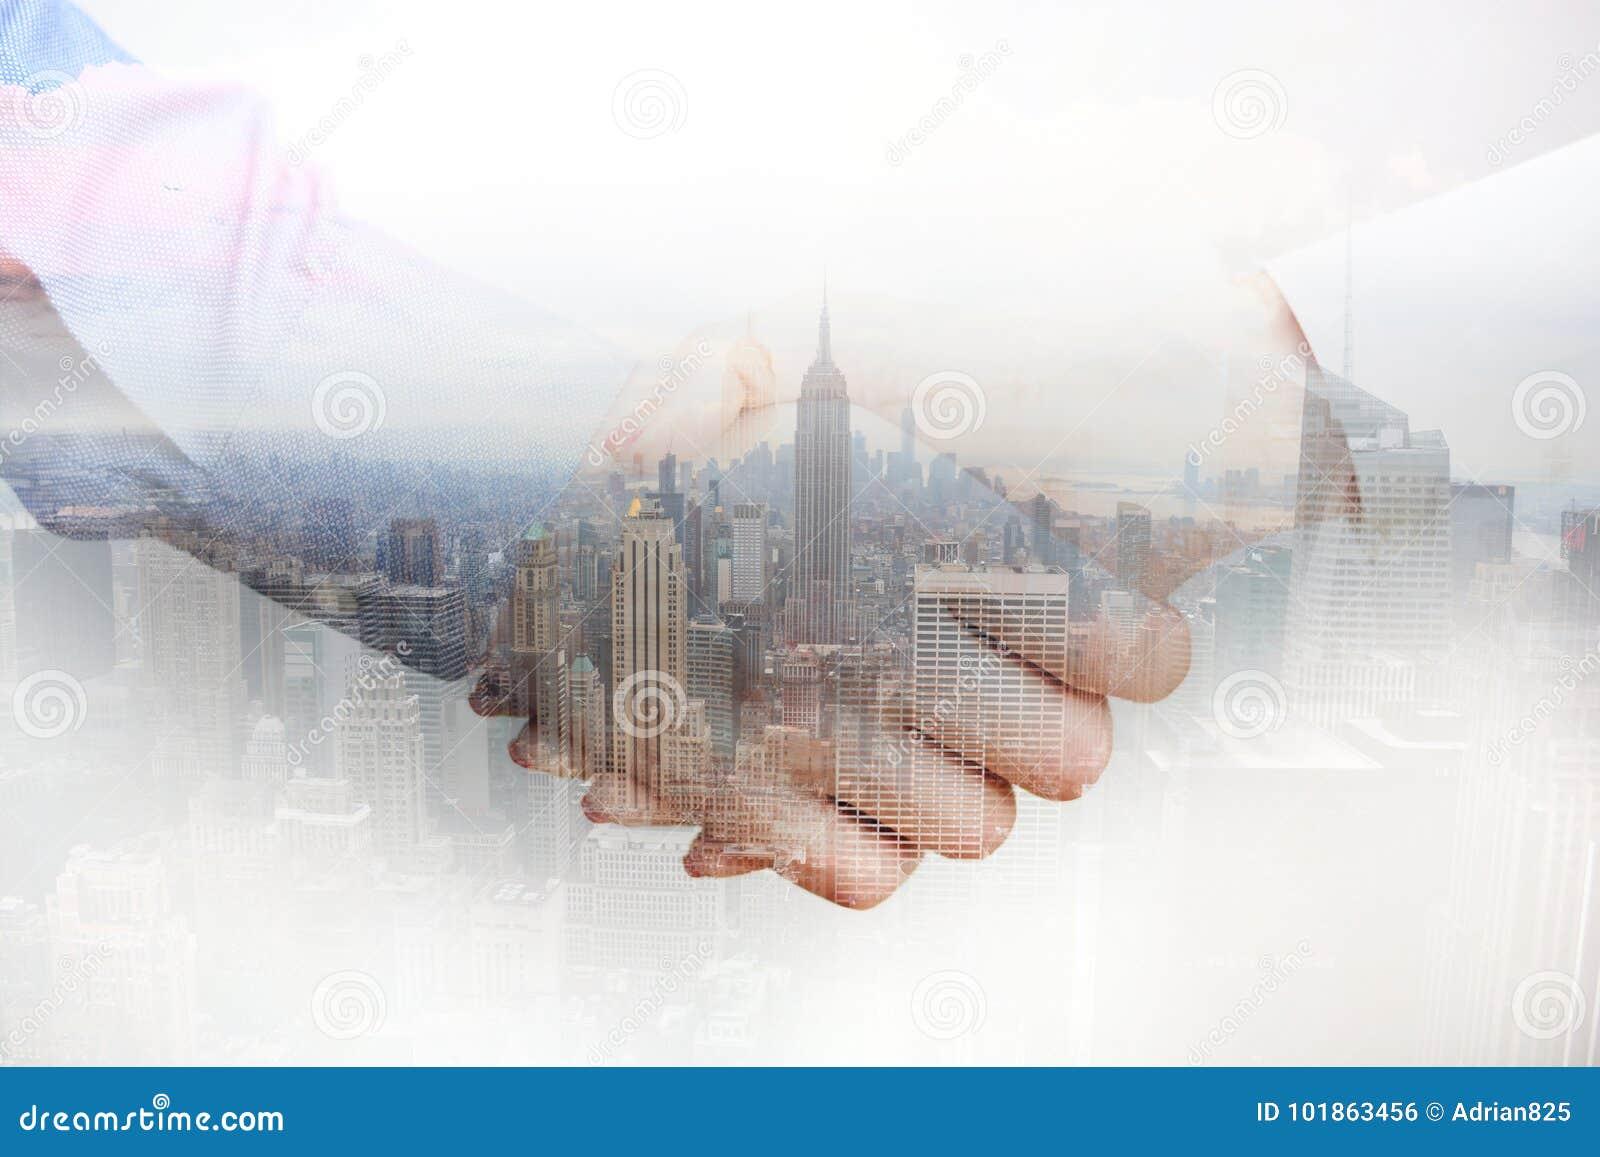 Imagen compuesta con los hombres de negocios que sacuden las manos y los rascacielos de la ciudad